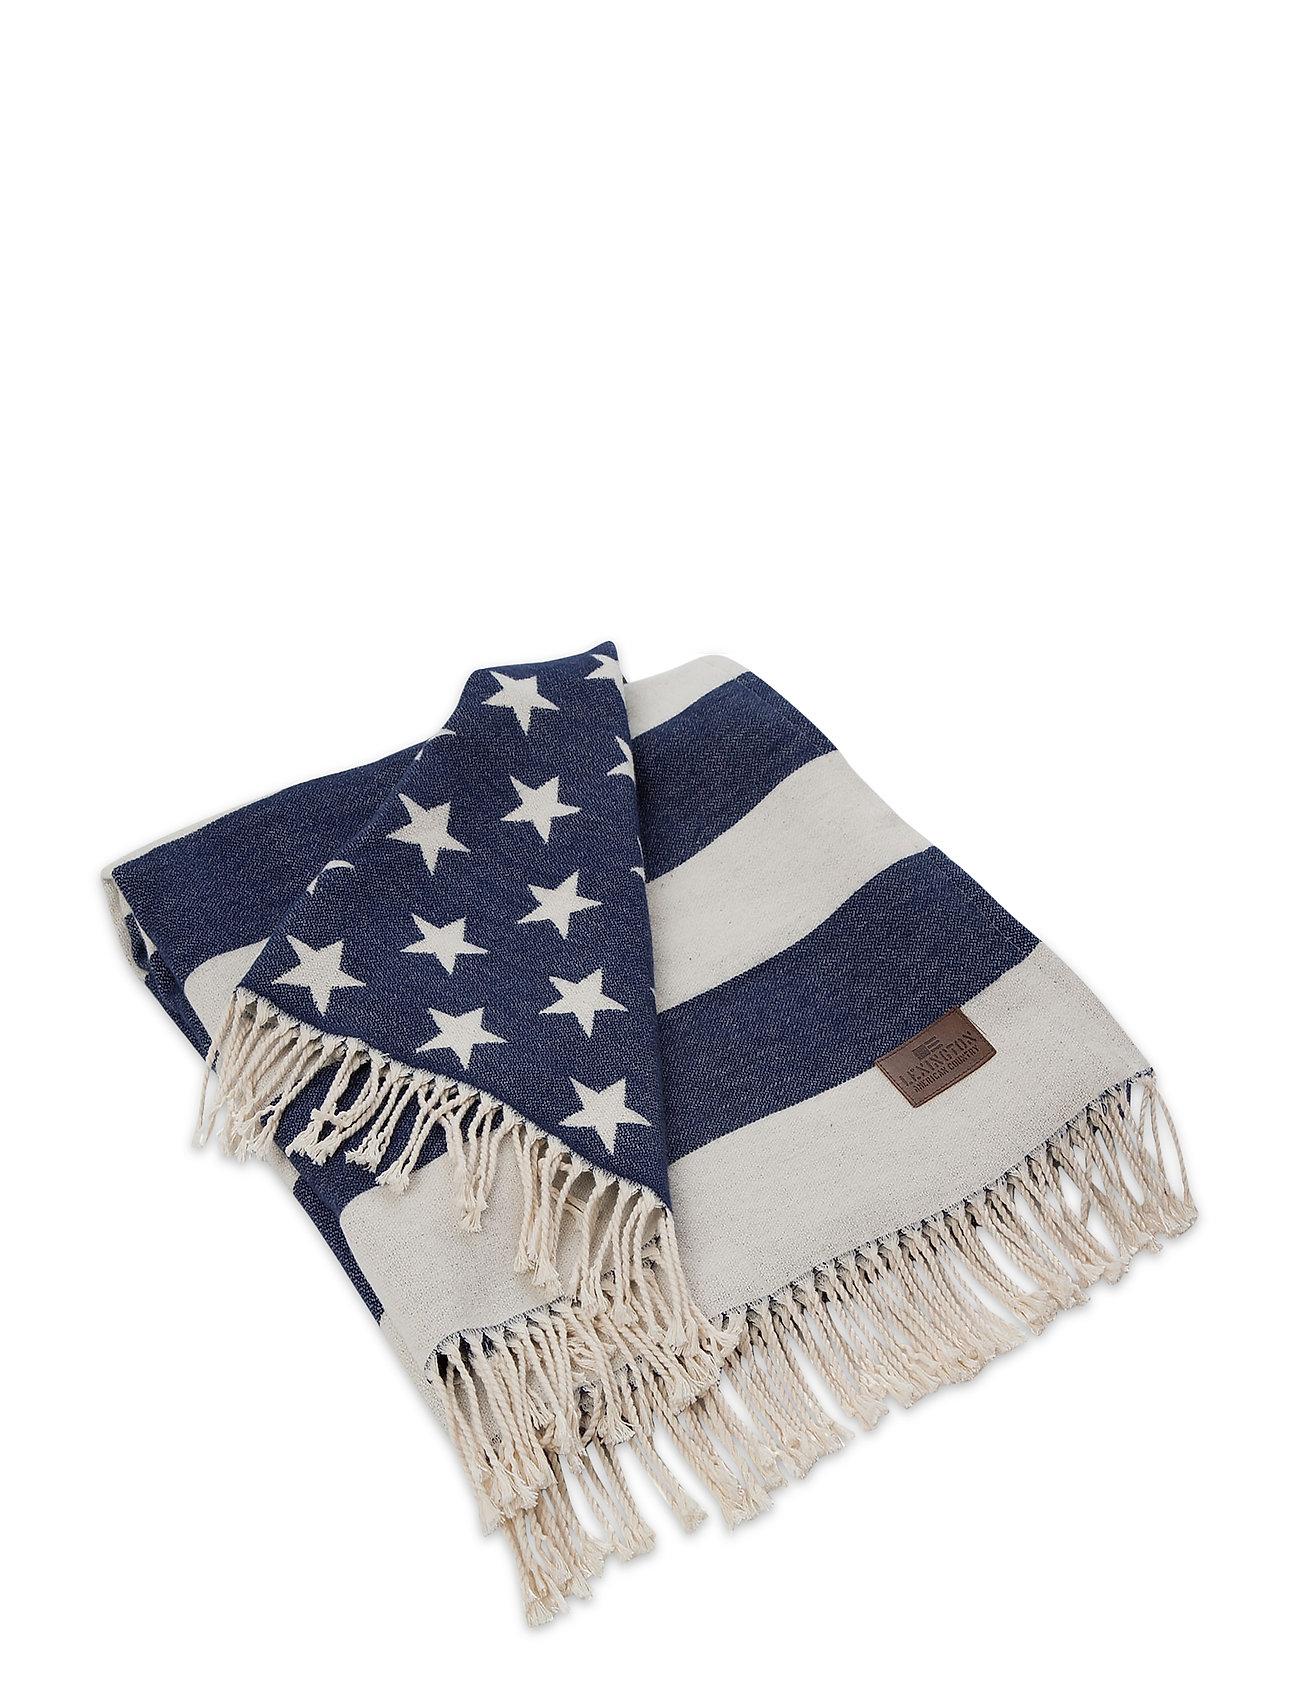 Lexington Home Flag Throw - WHITE/NAVY